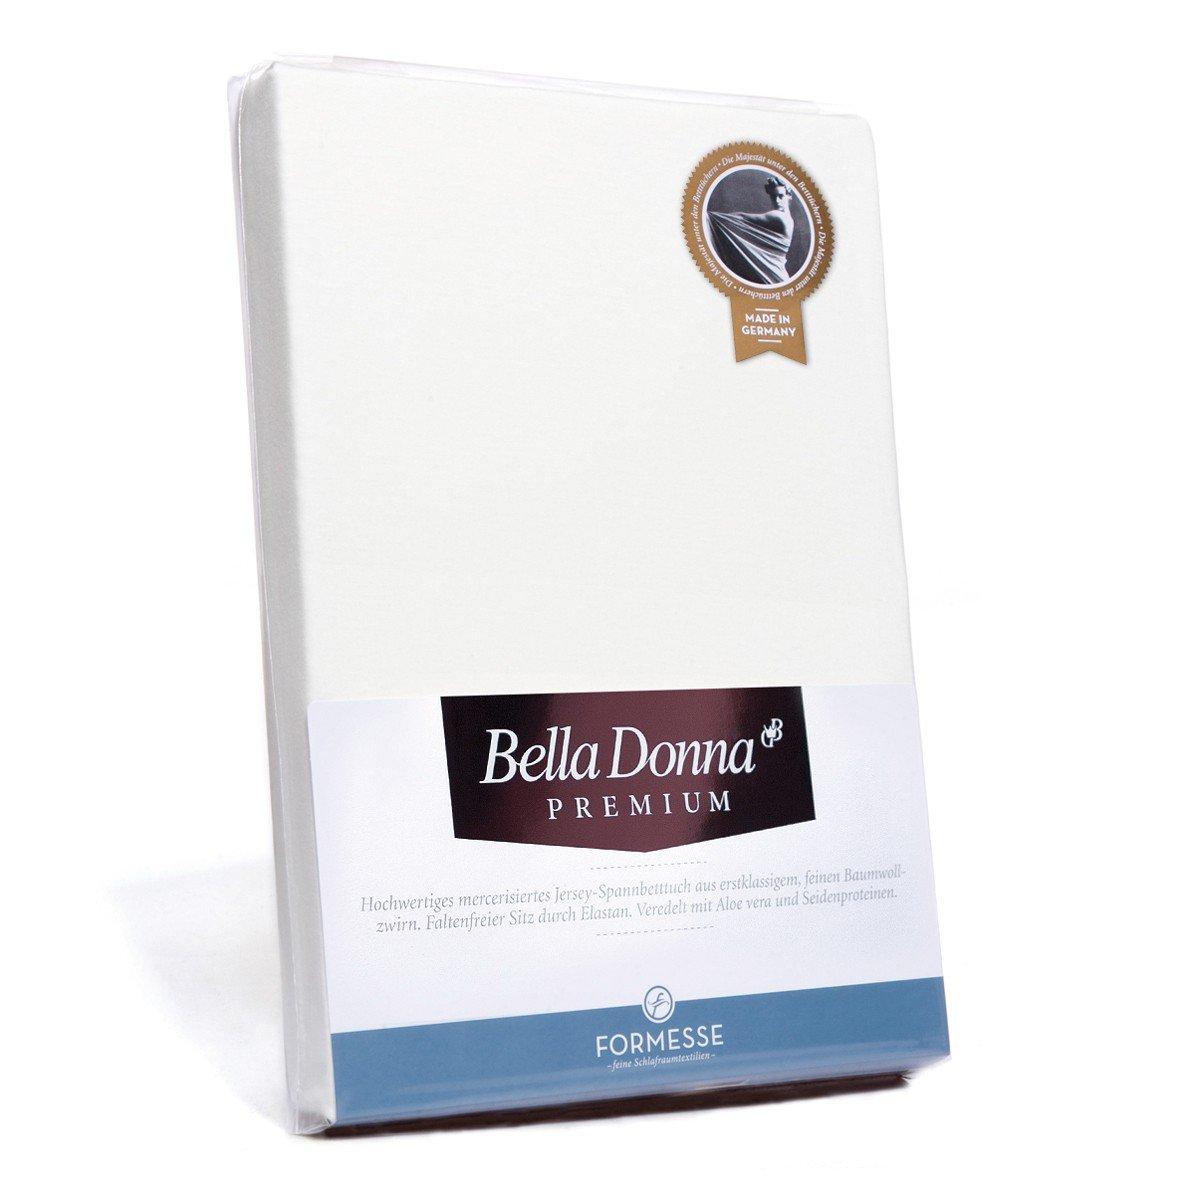 Formesse Bella Damenschuhe Premium Spannbettlaken anthrazit - 90-100x190-220